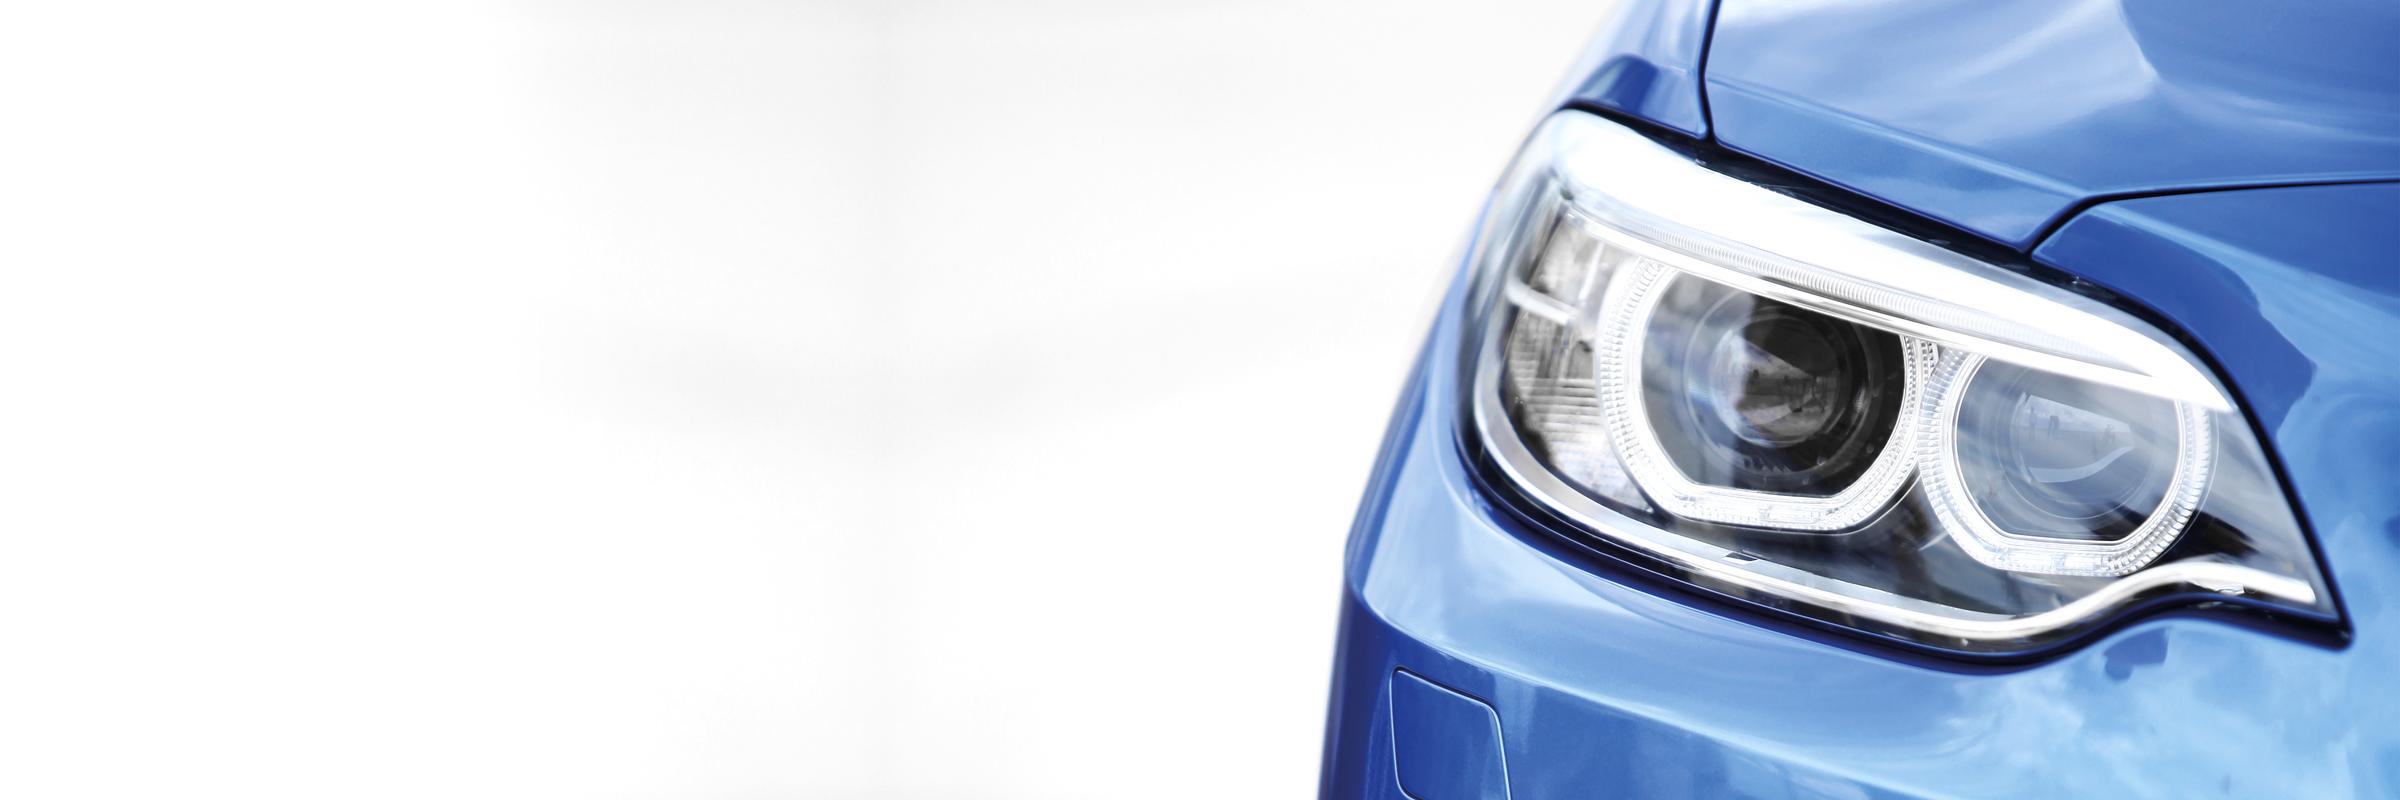 汽车和电动出行 - LED Lighting